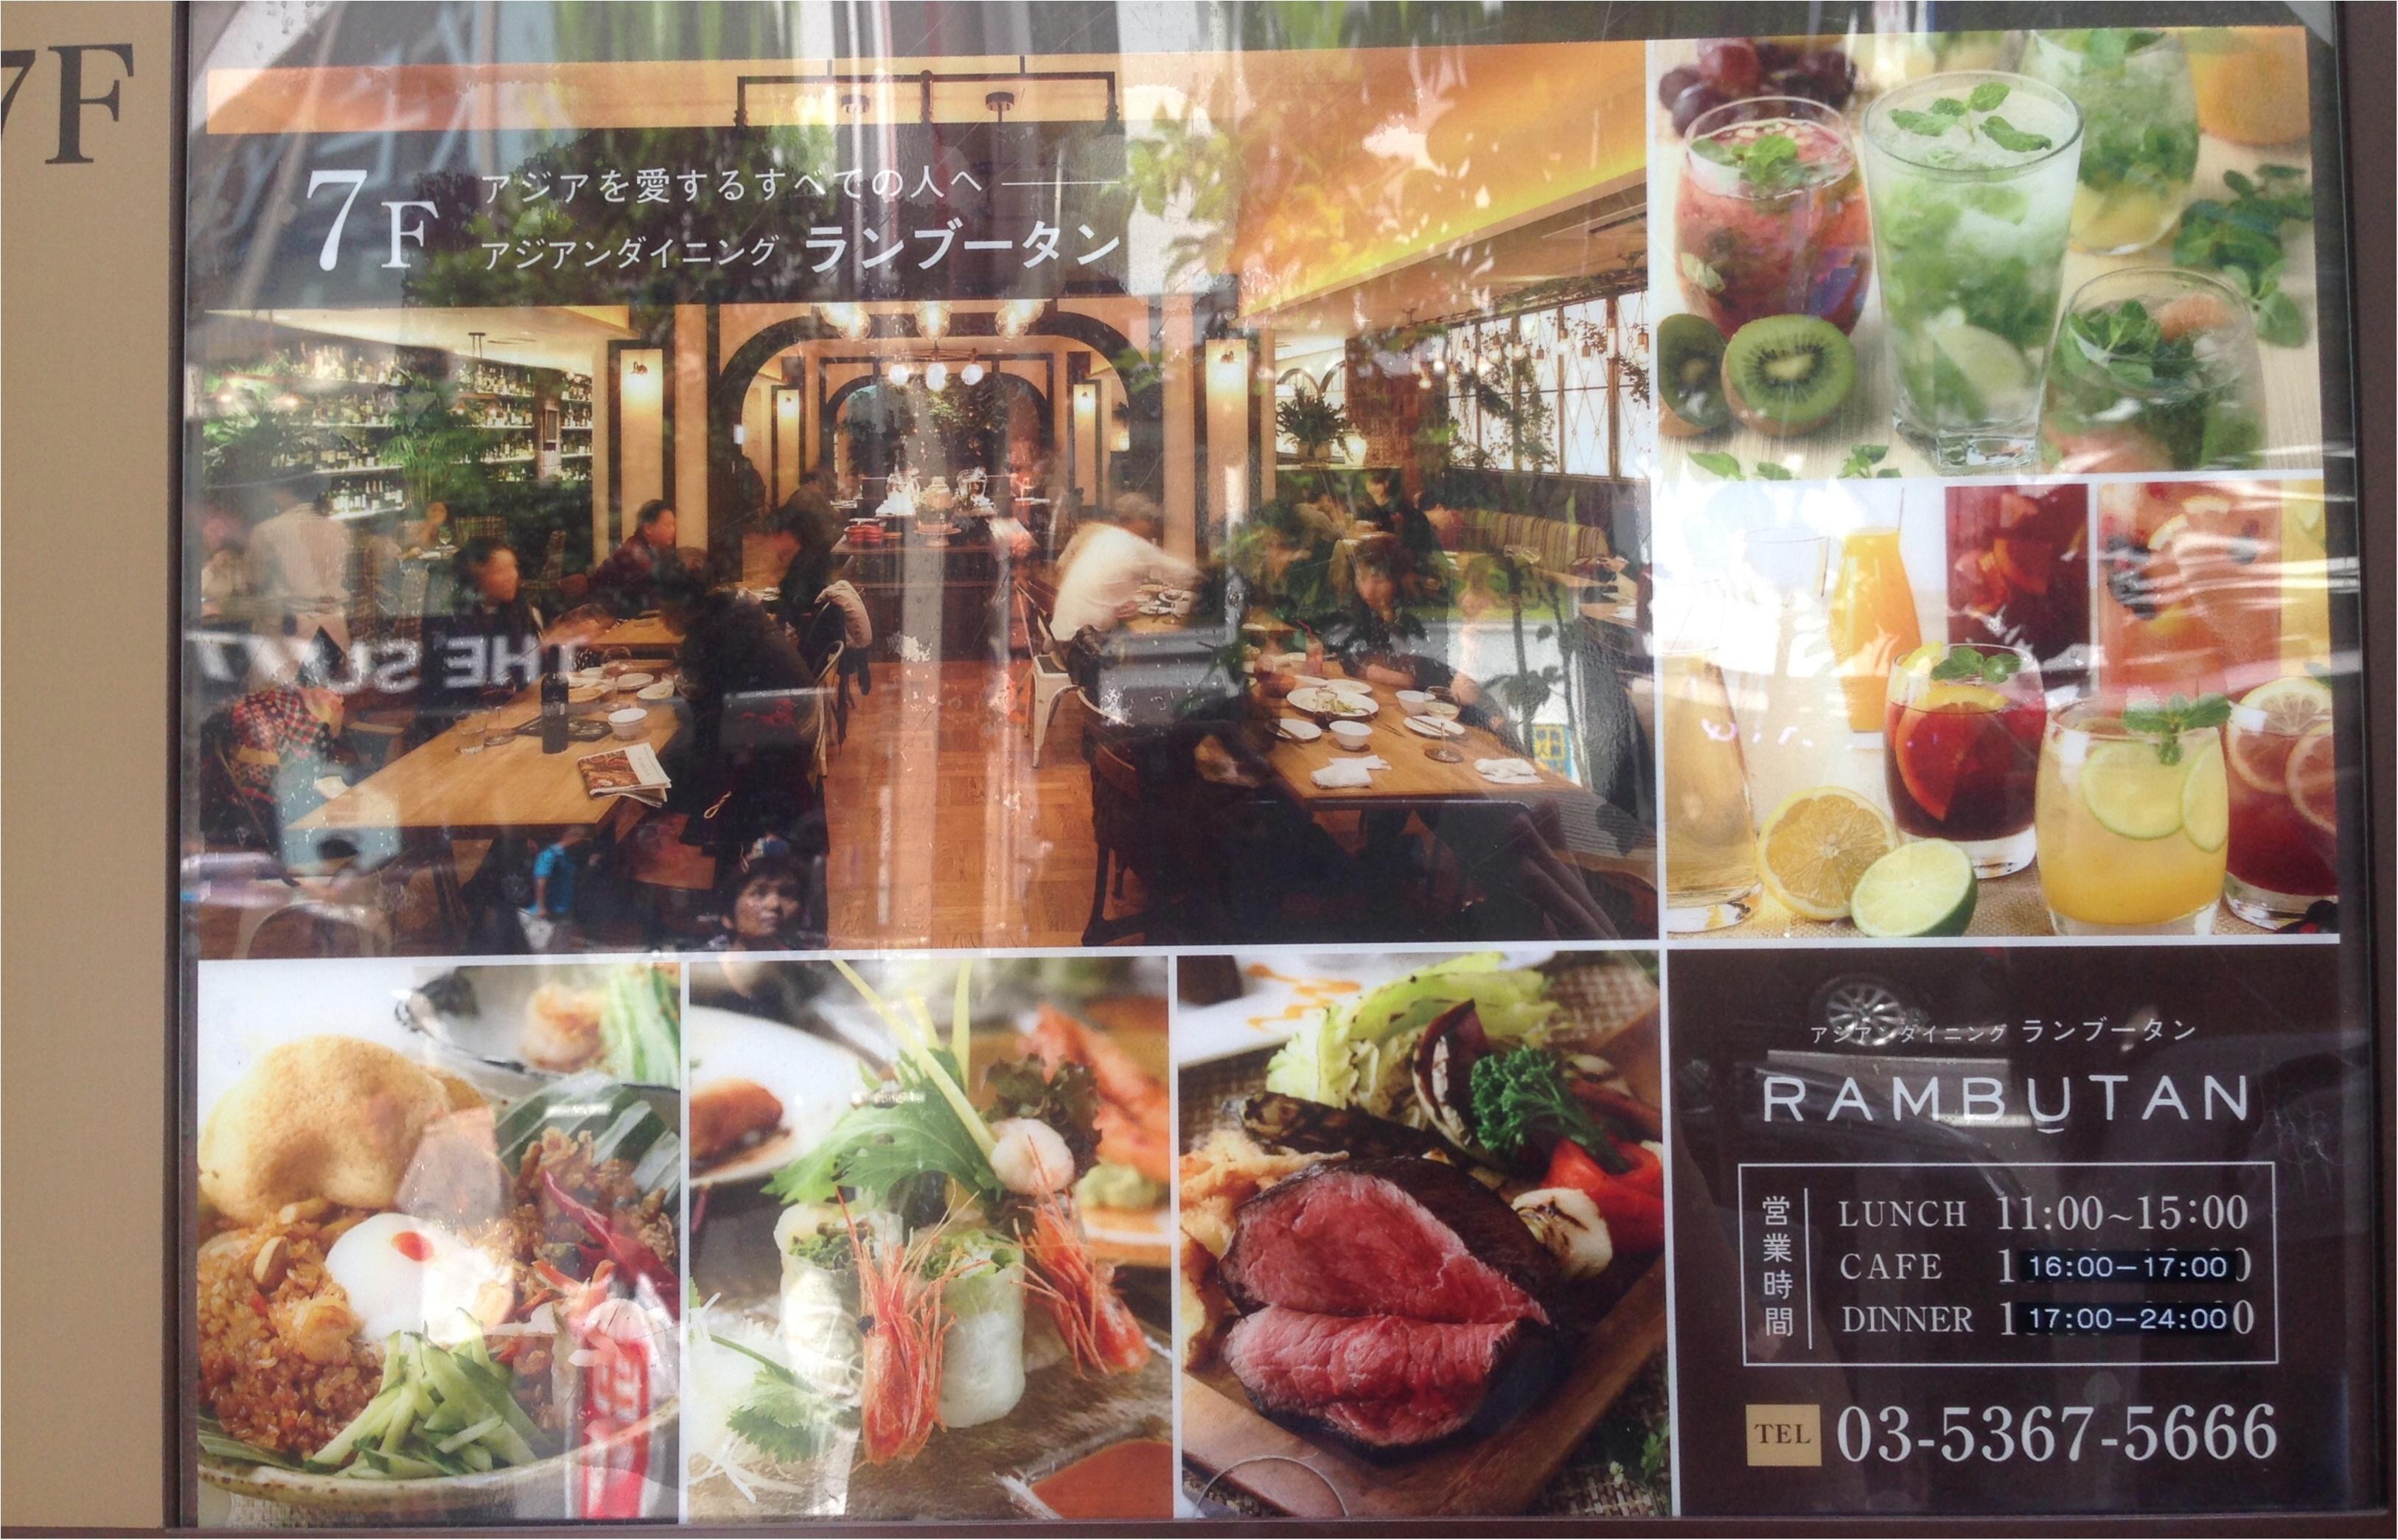 【新宿】え、新宿にこんな素敵なレストランあるの知ってた!?絶対リピートしたいお店発見\(^o^)/パン、パクチー食べ放題もやってるよ〜_2